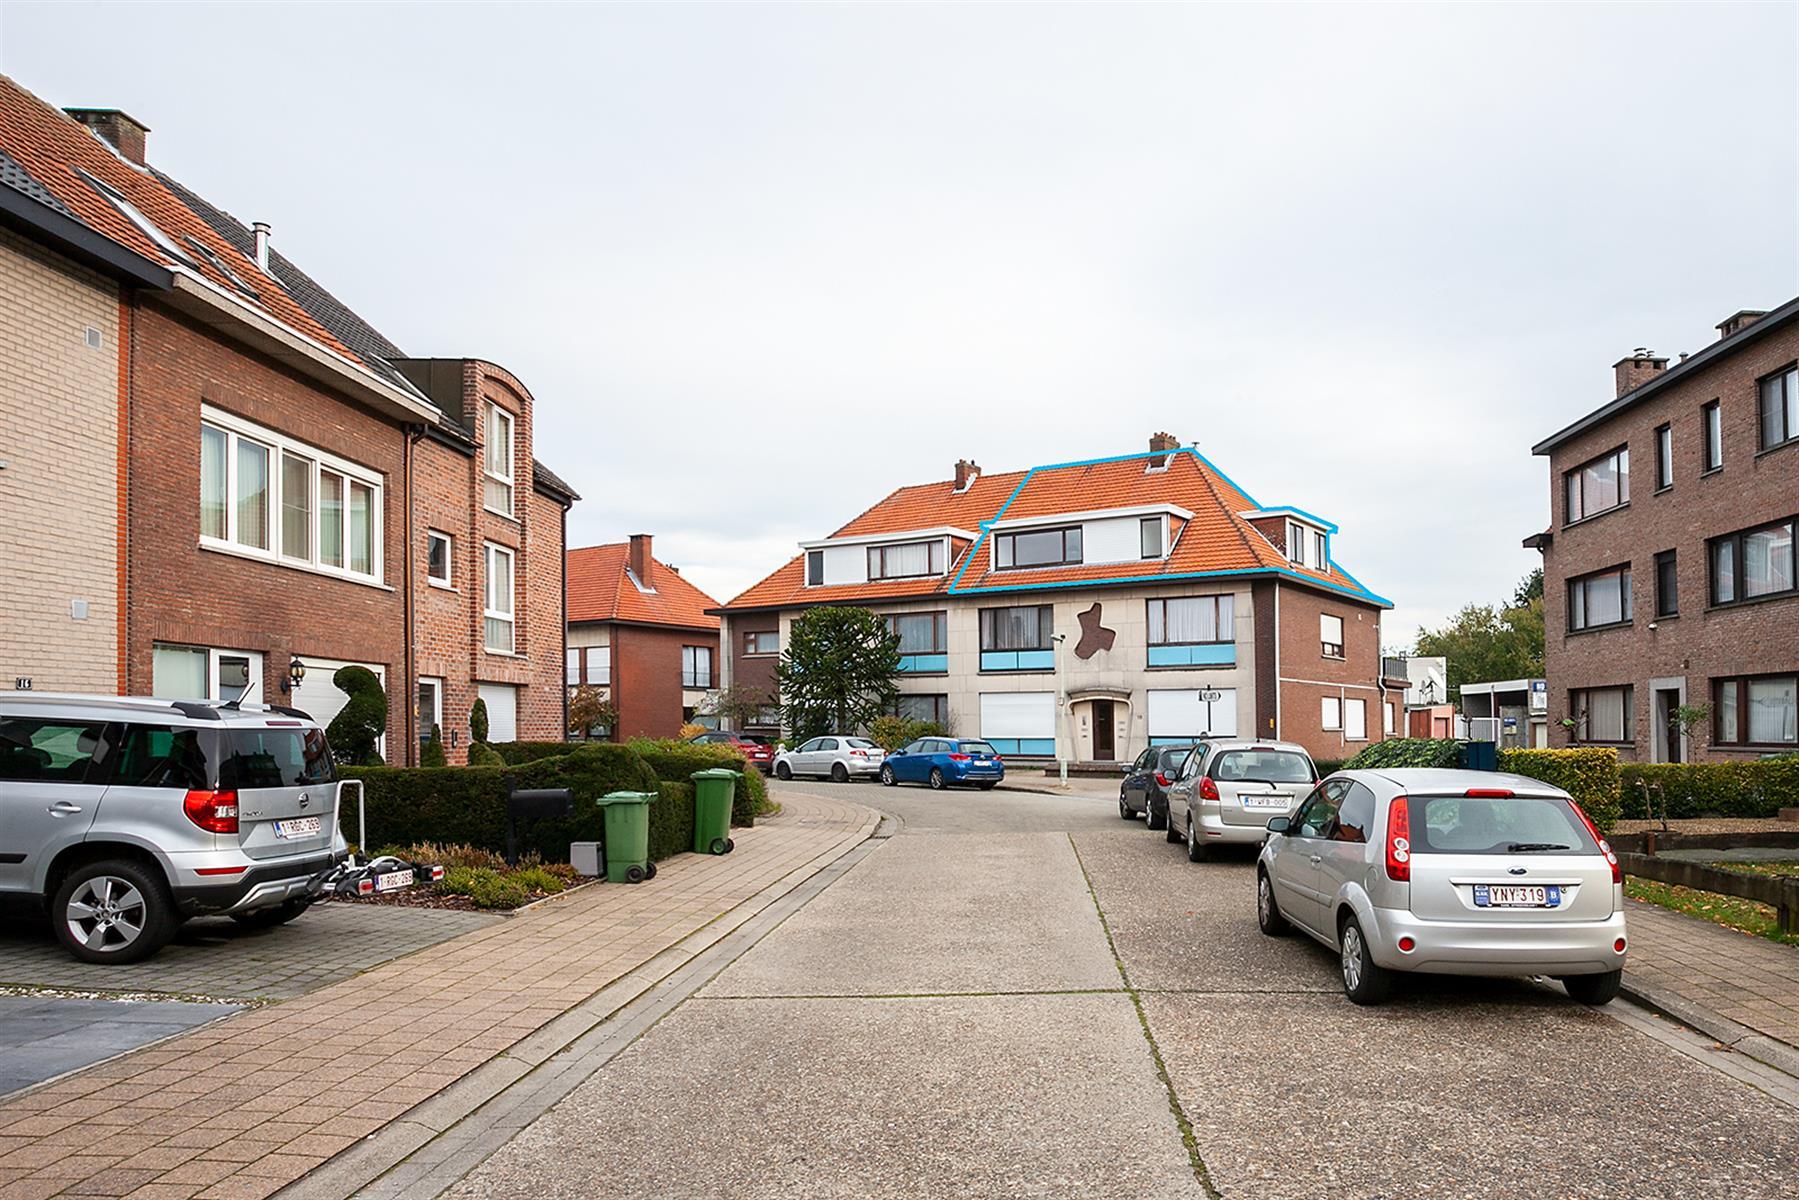 Gezellig dakappartement, gelegen in een rustige zijstraat vlakbij het centrum van Kapellen.